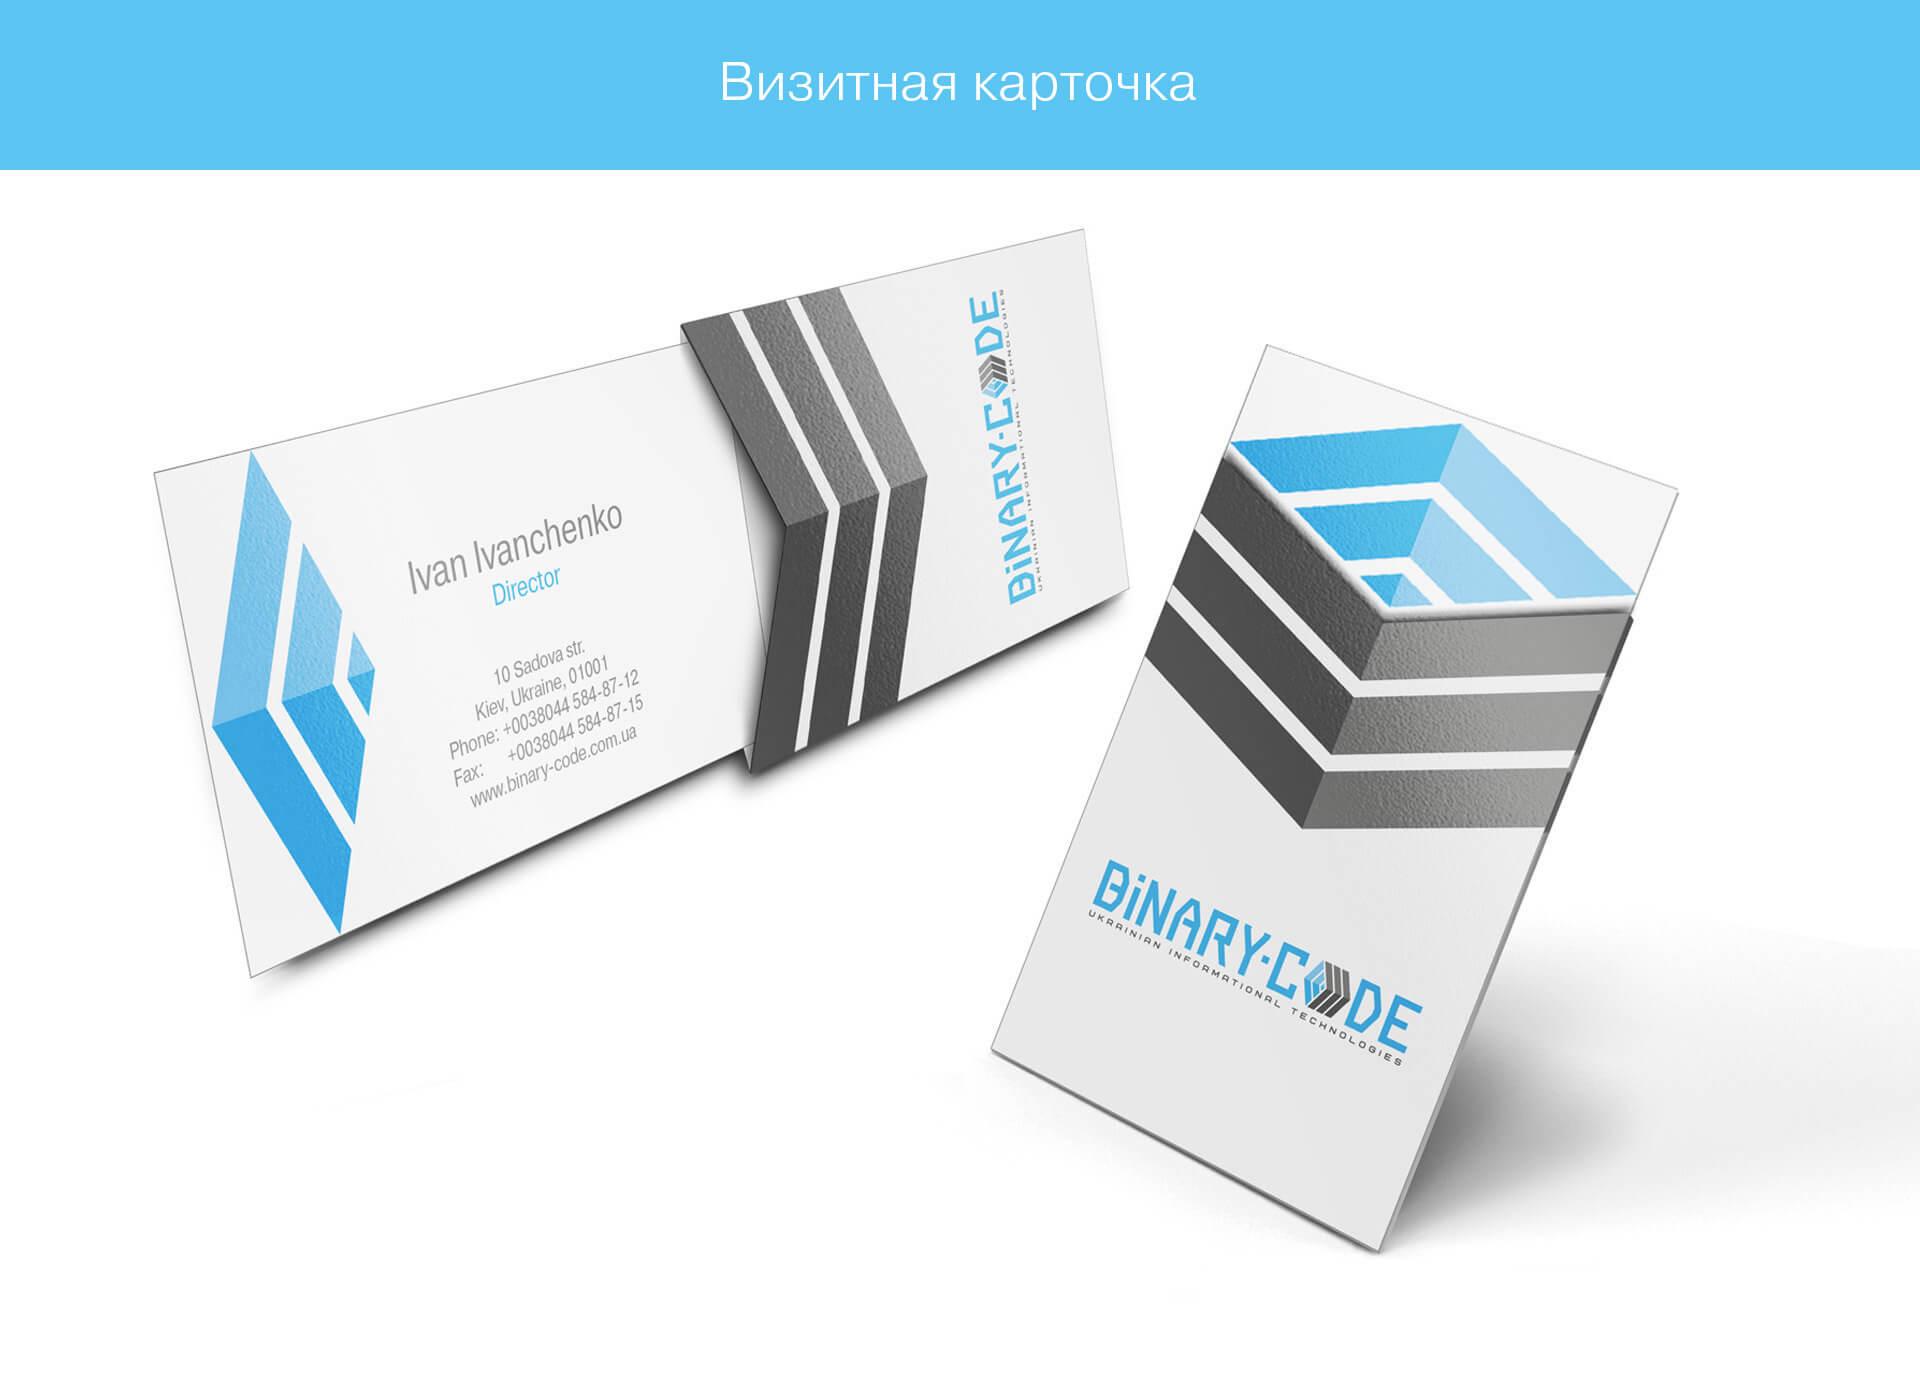 Разработка и создание дизайна бизнес визиток от Fantastic Imago брендиногове рекламное агентство